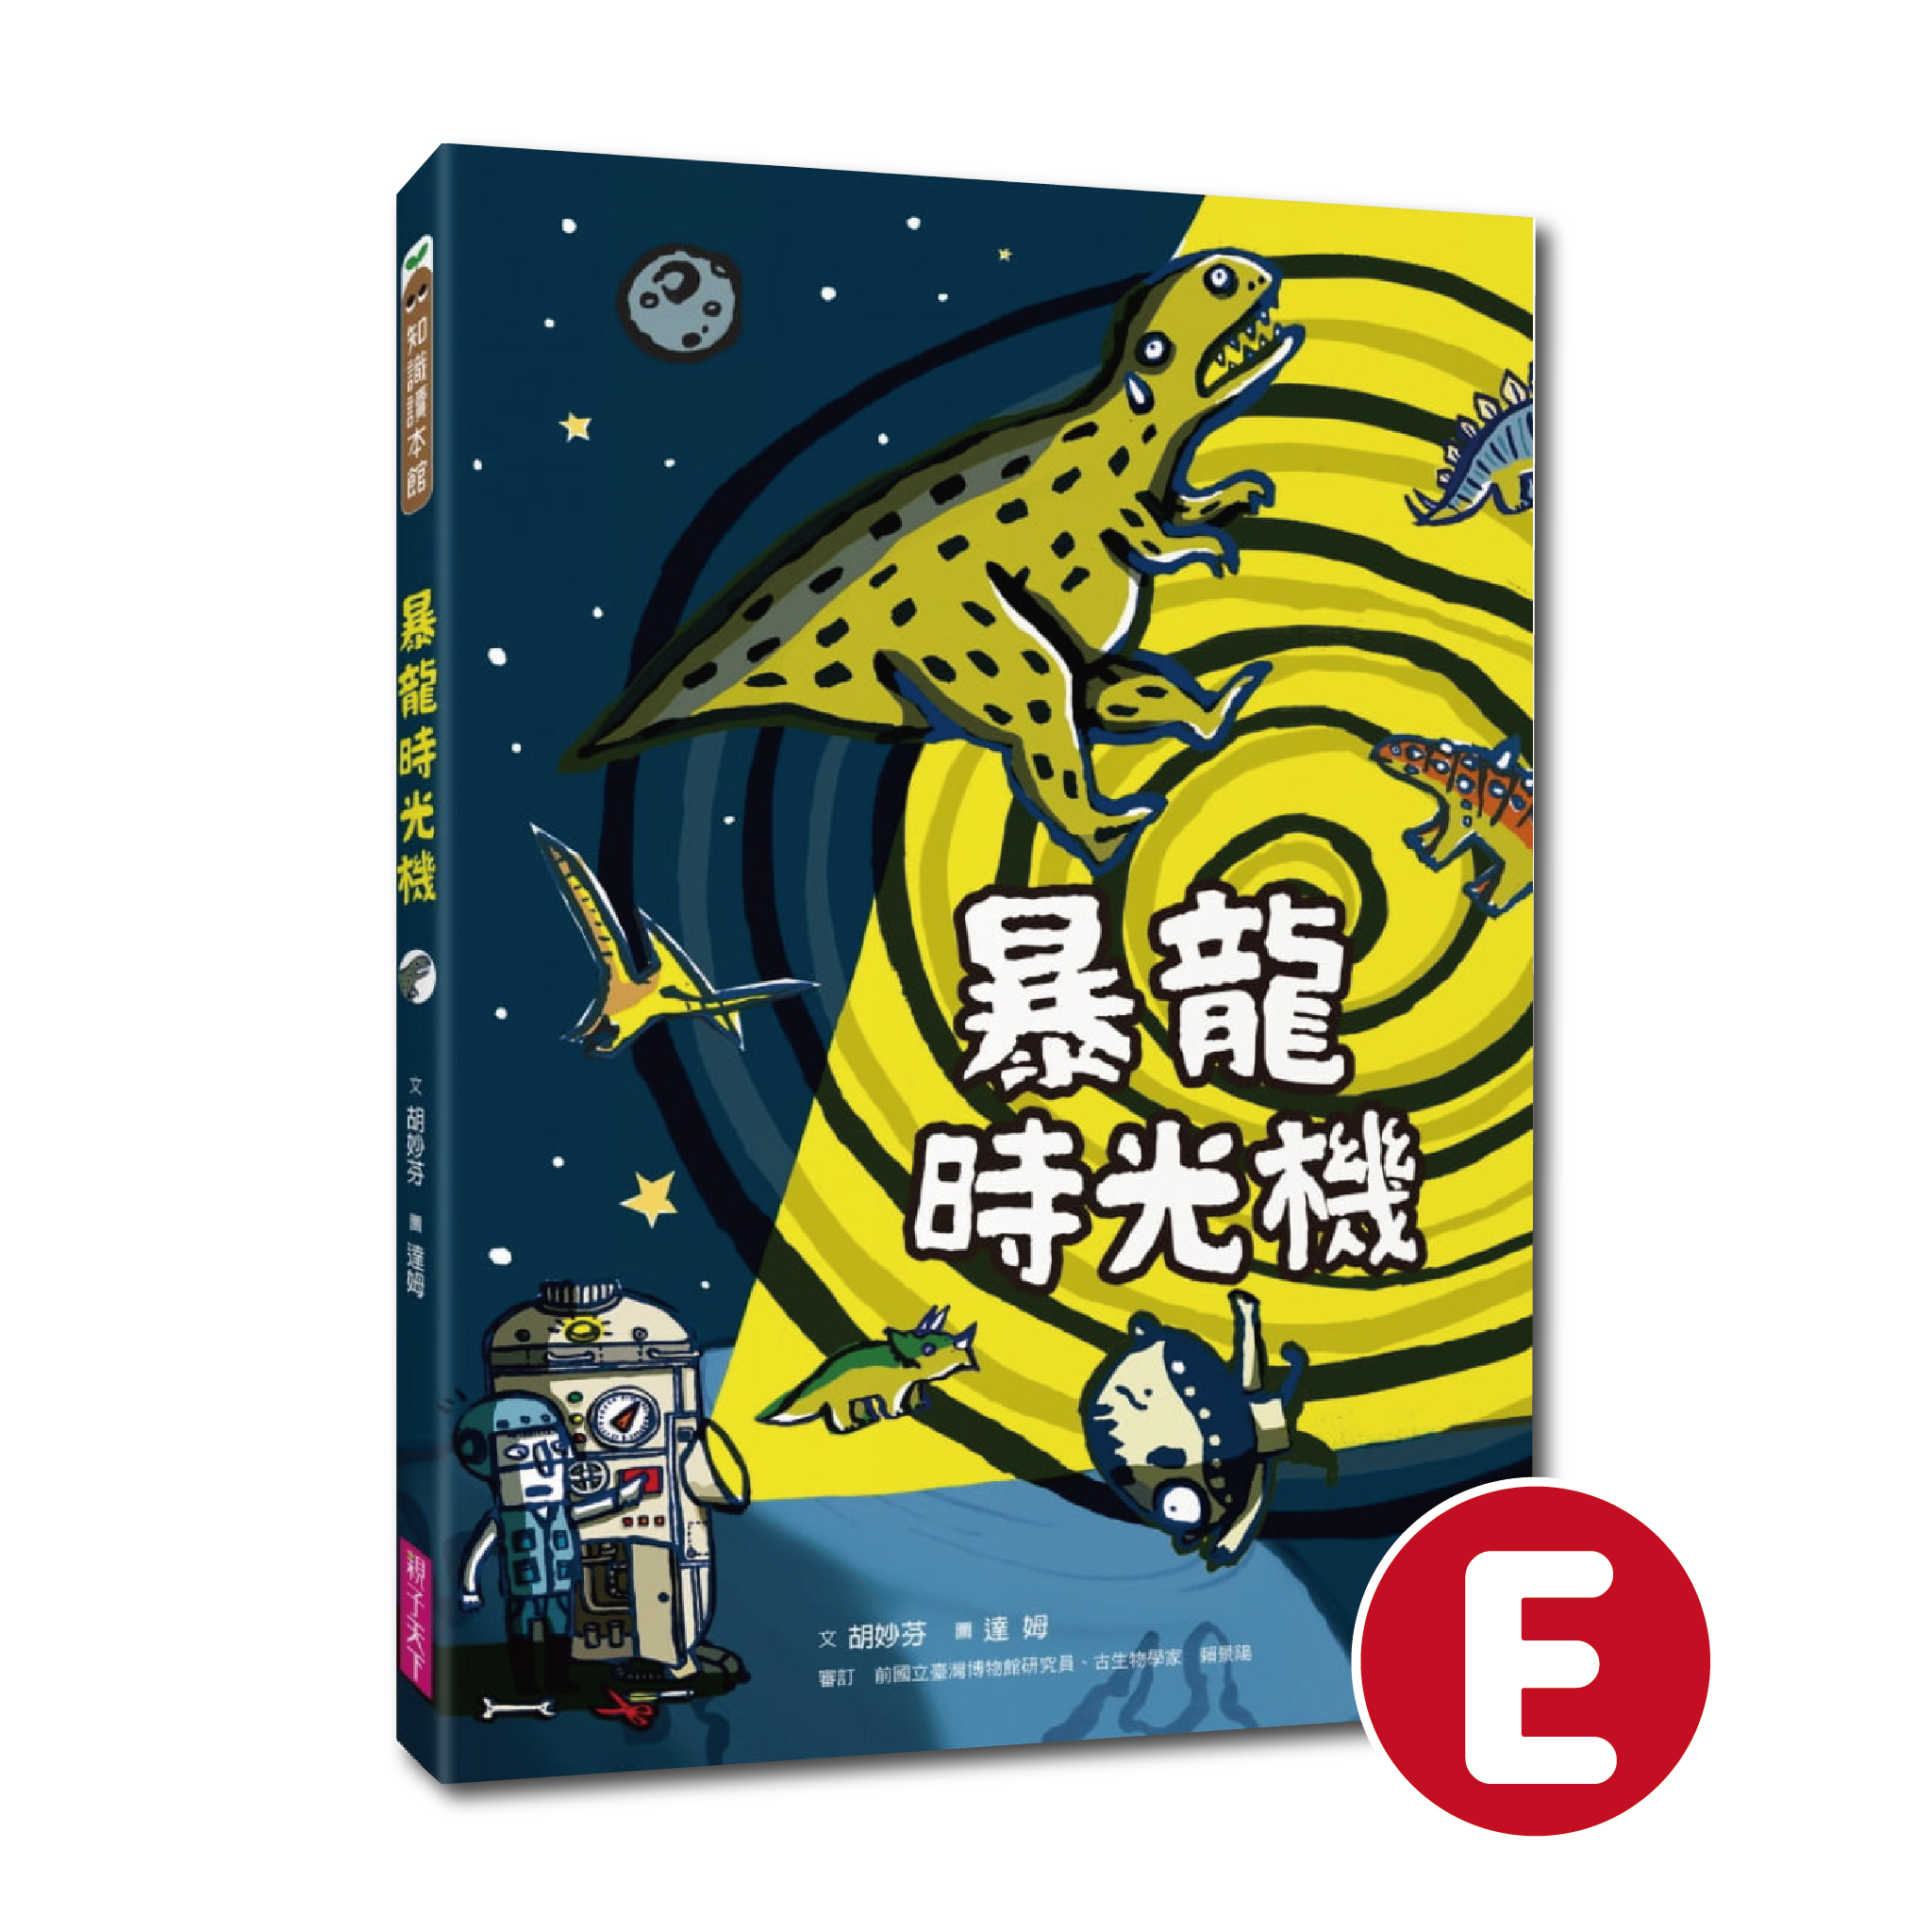 《勇敢小火車:耶誕老公公夏日旅行 賴馬互動遊戲繪本》